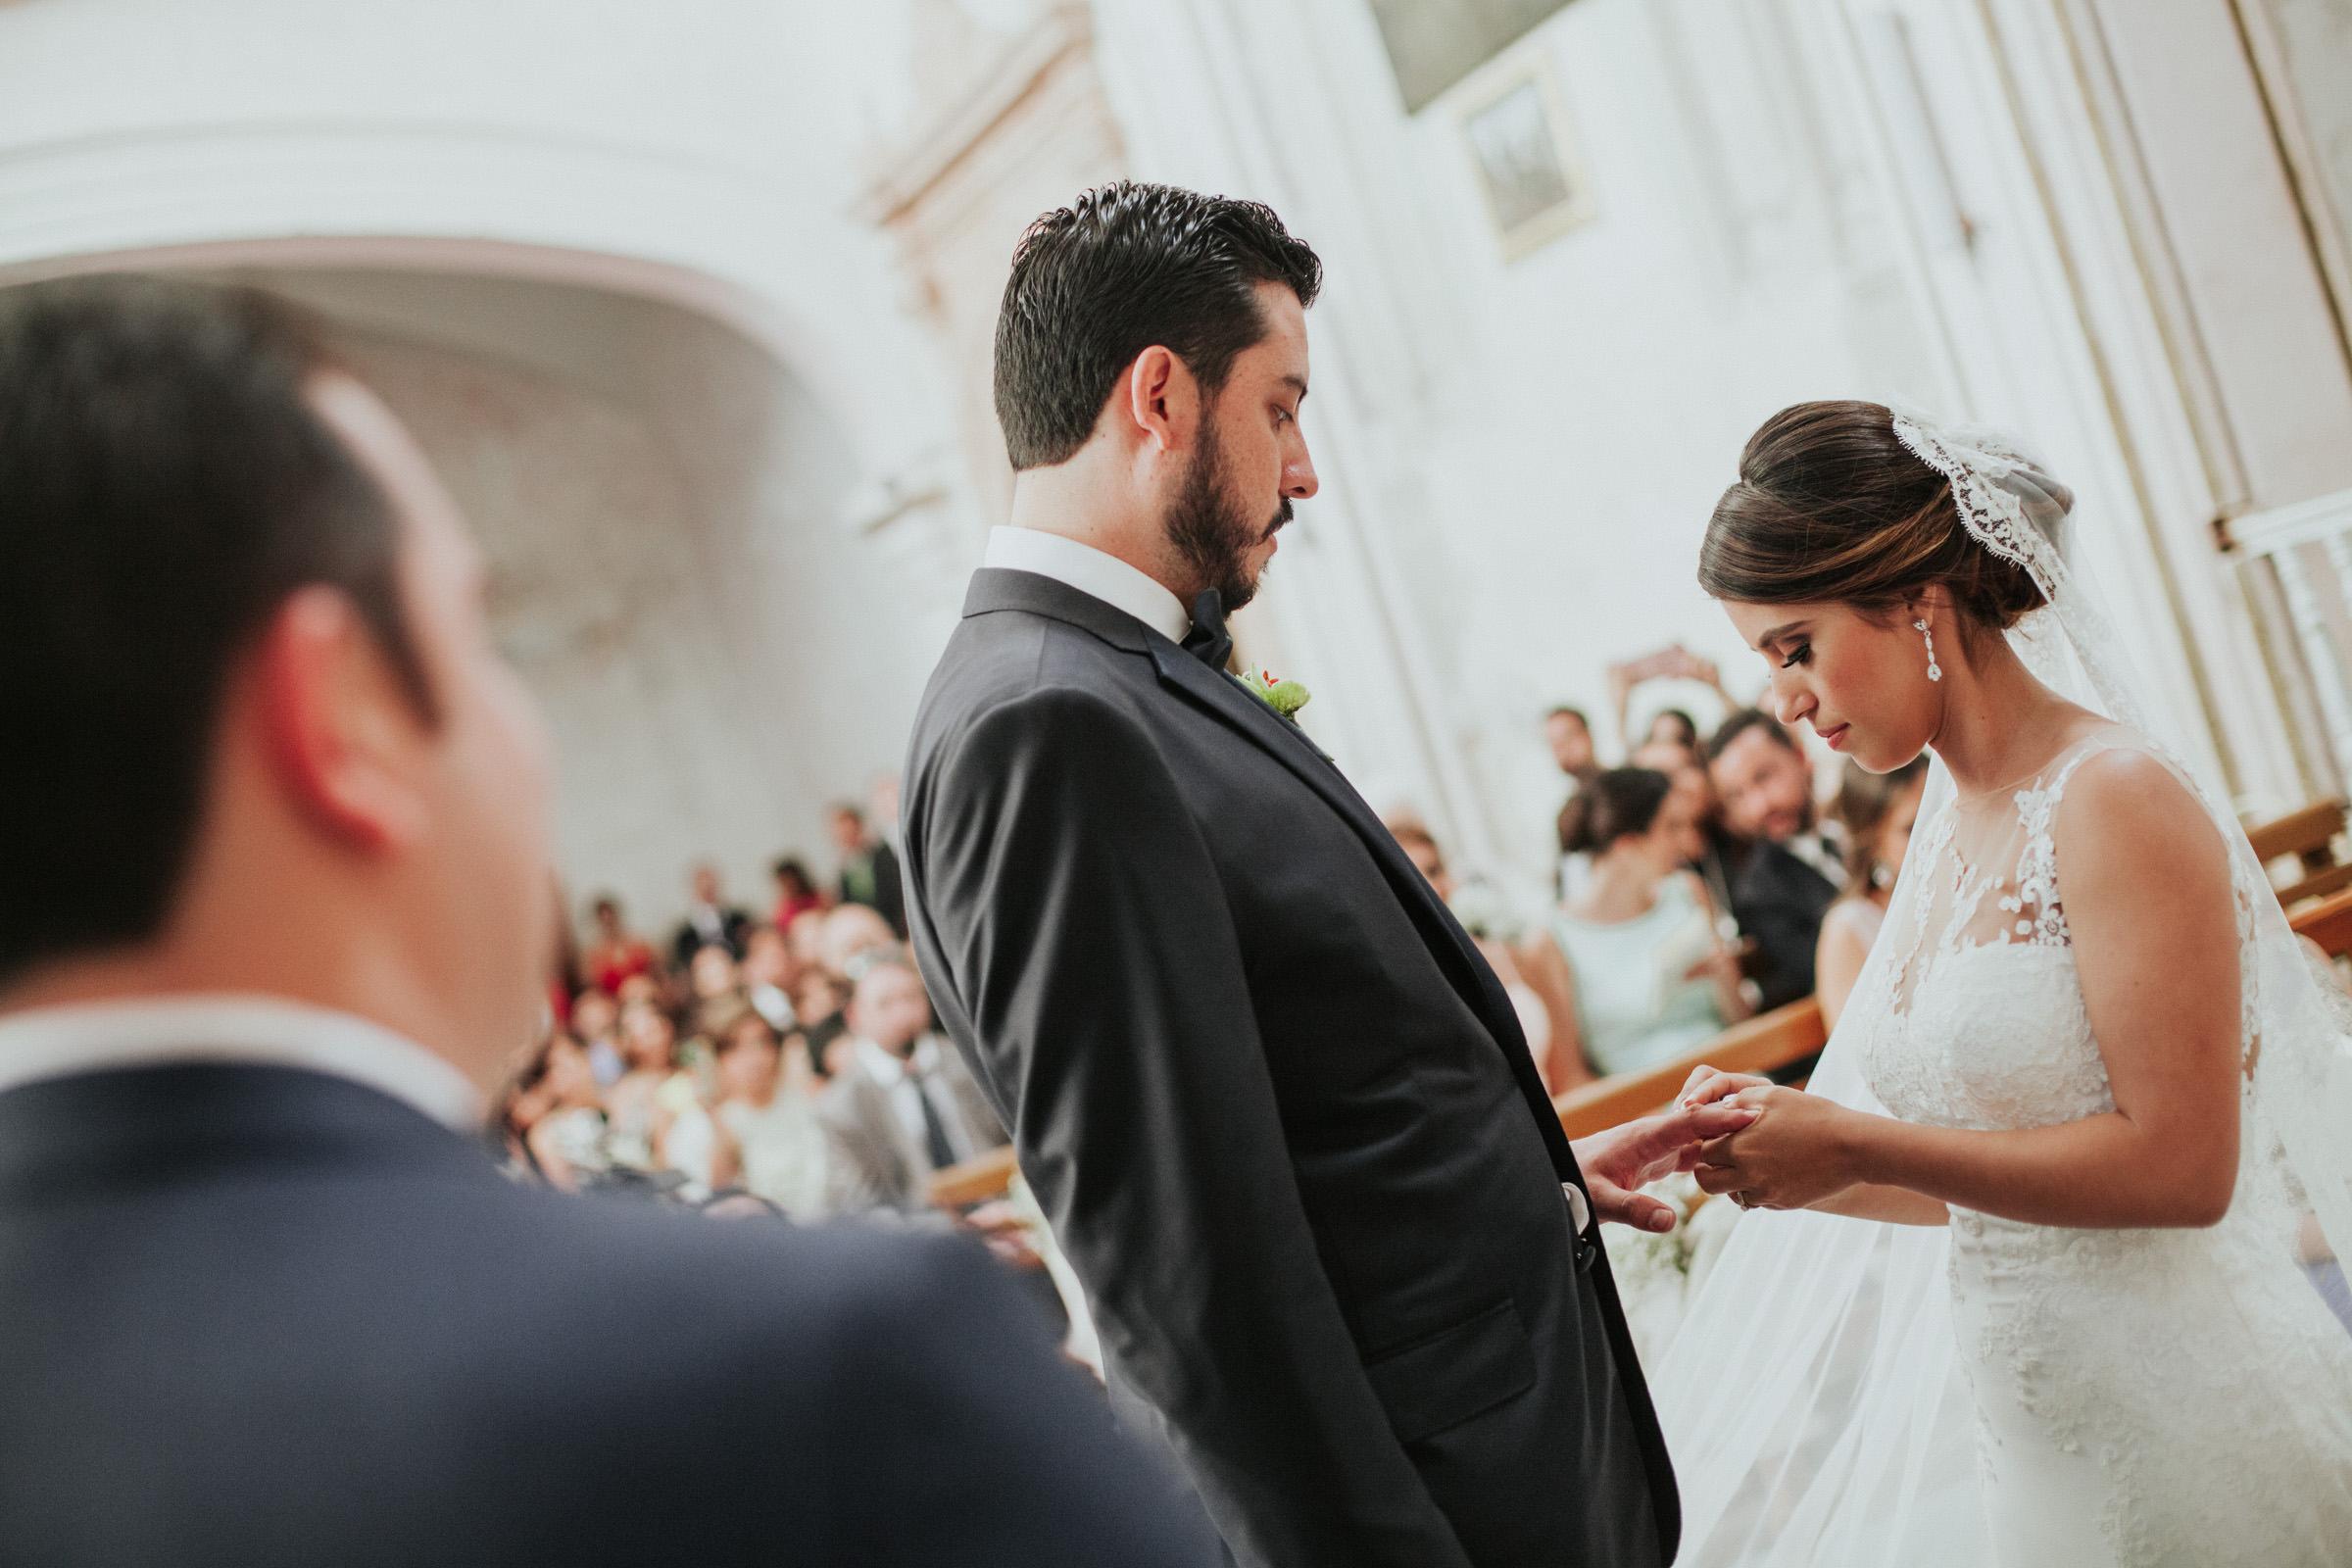 Boda-Guanajuato-Camino-de-Vinos-San-Miguel-Allende-Wedding-Fotografia-Paulina-Mauricio-Pierce0178.JPG